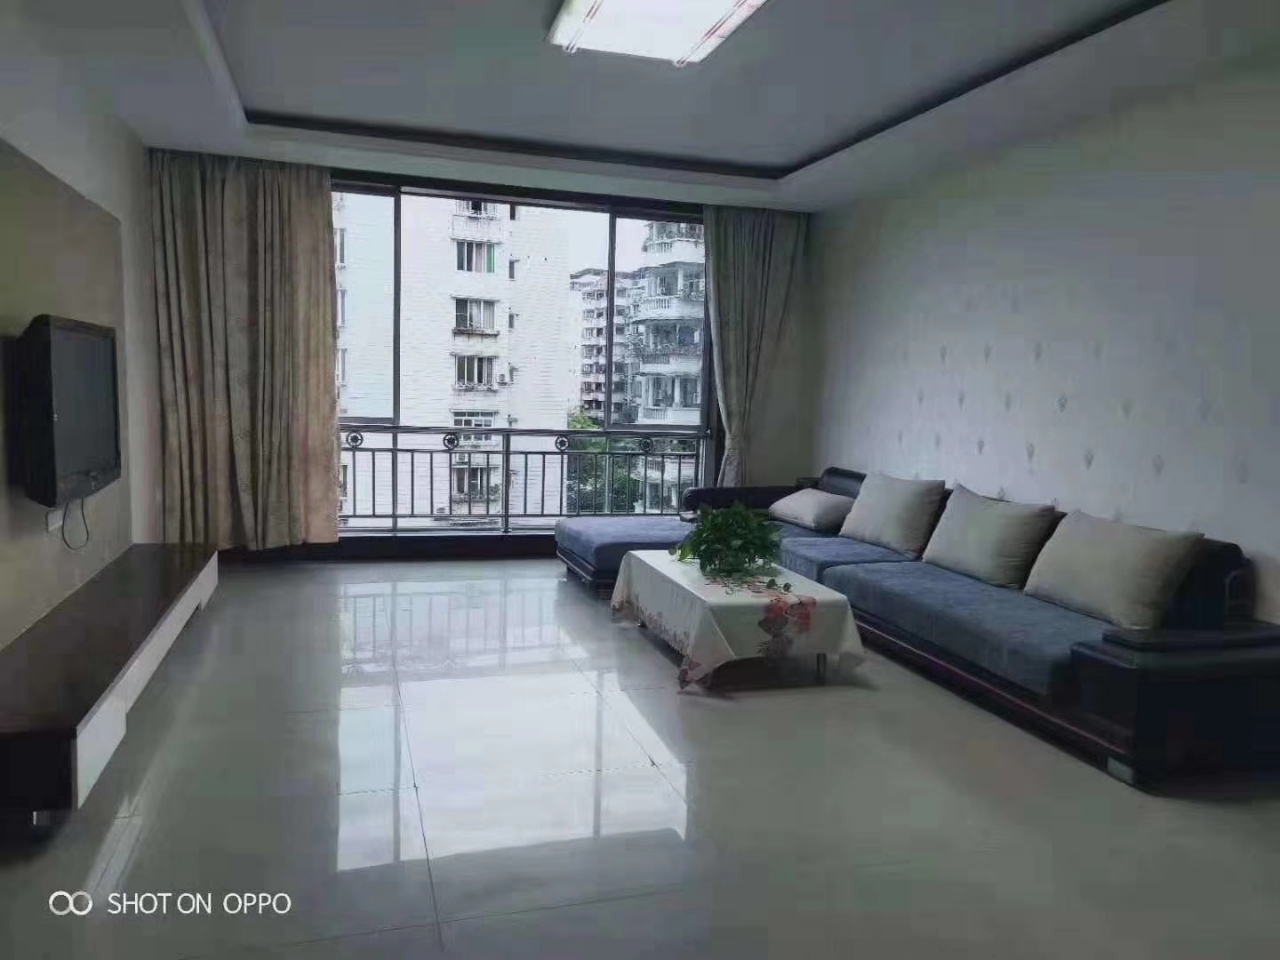 利城综合楼3室 2厅 2卫56.8万元